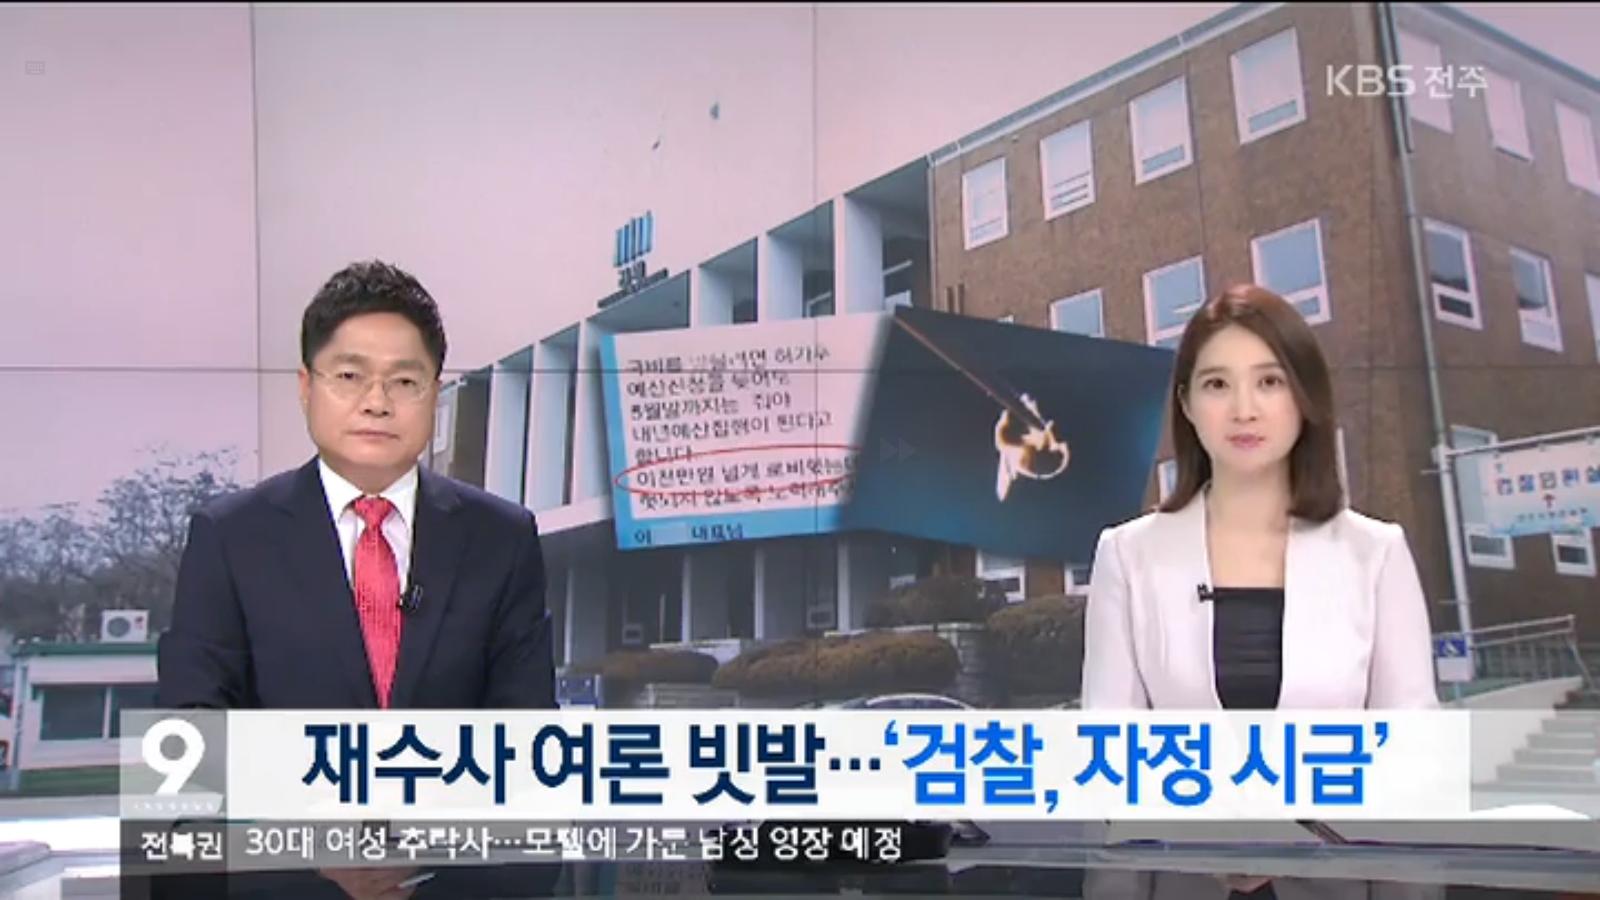 [18.3.30 KBS전주] 전주봉침게이트 재수사여론 빗발... 검찰, 자정 시급1.jpg